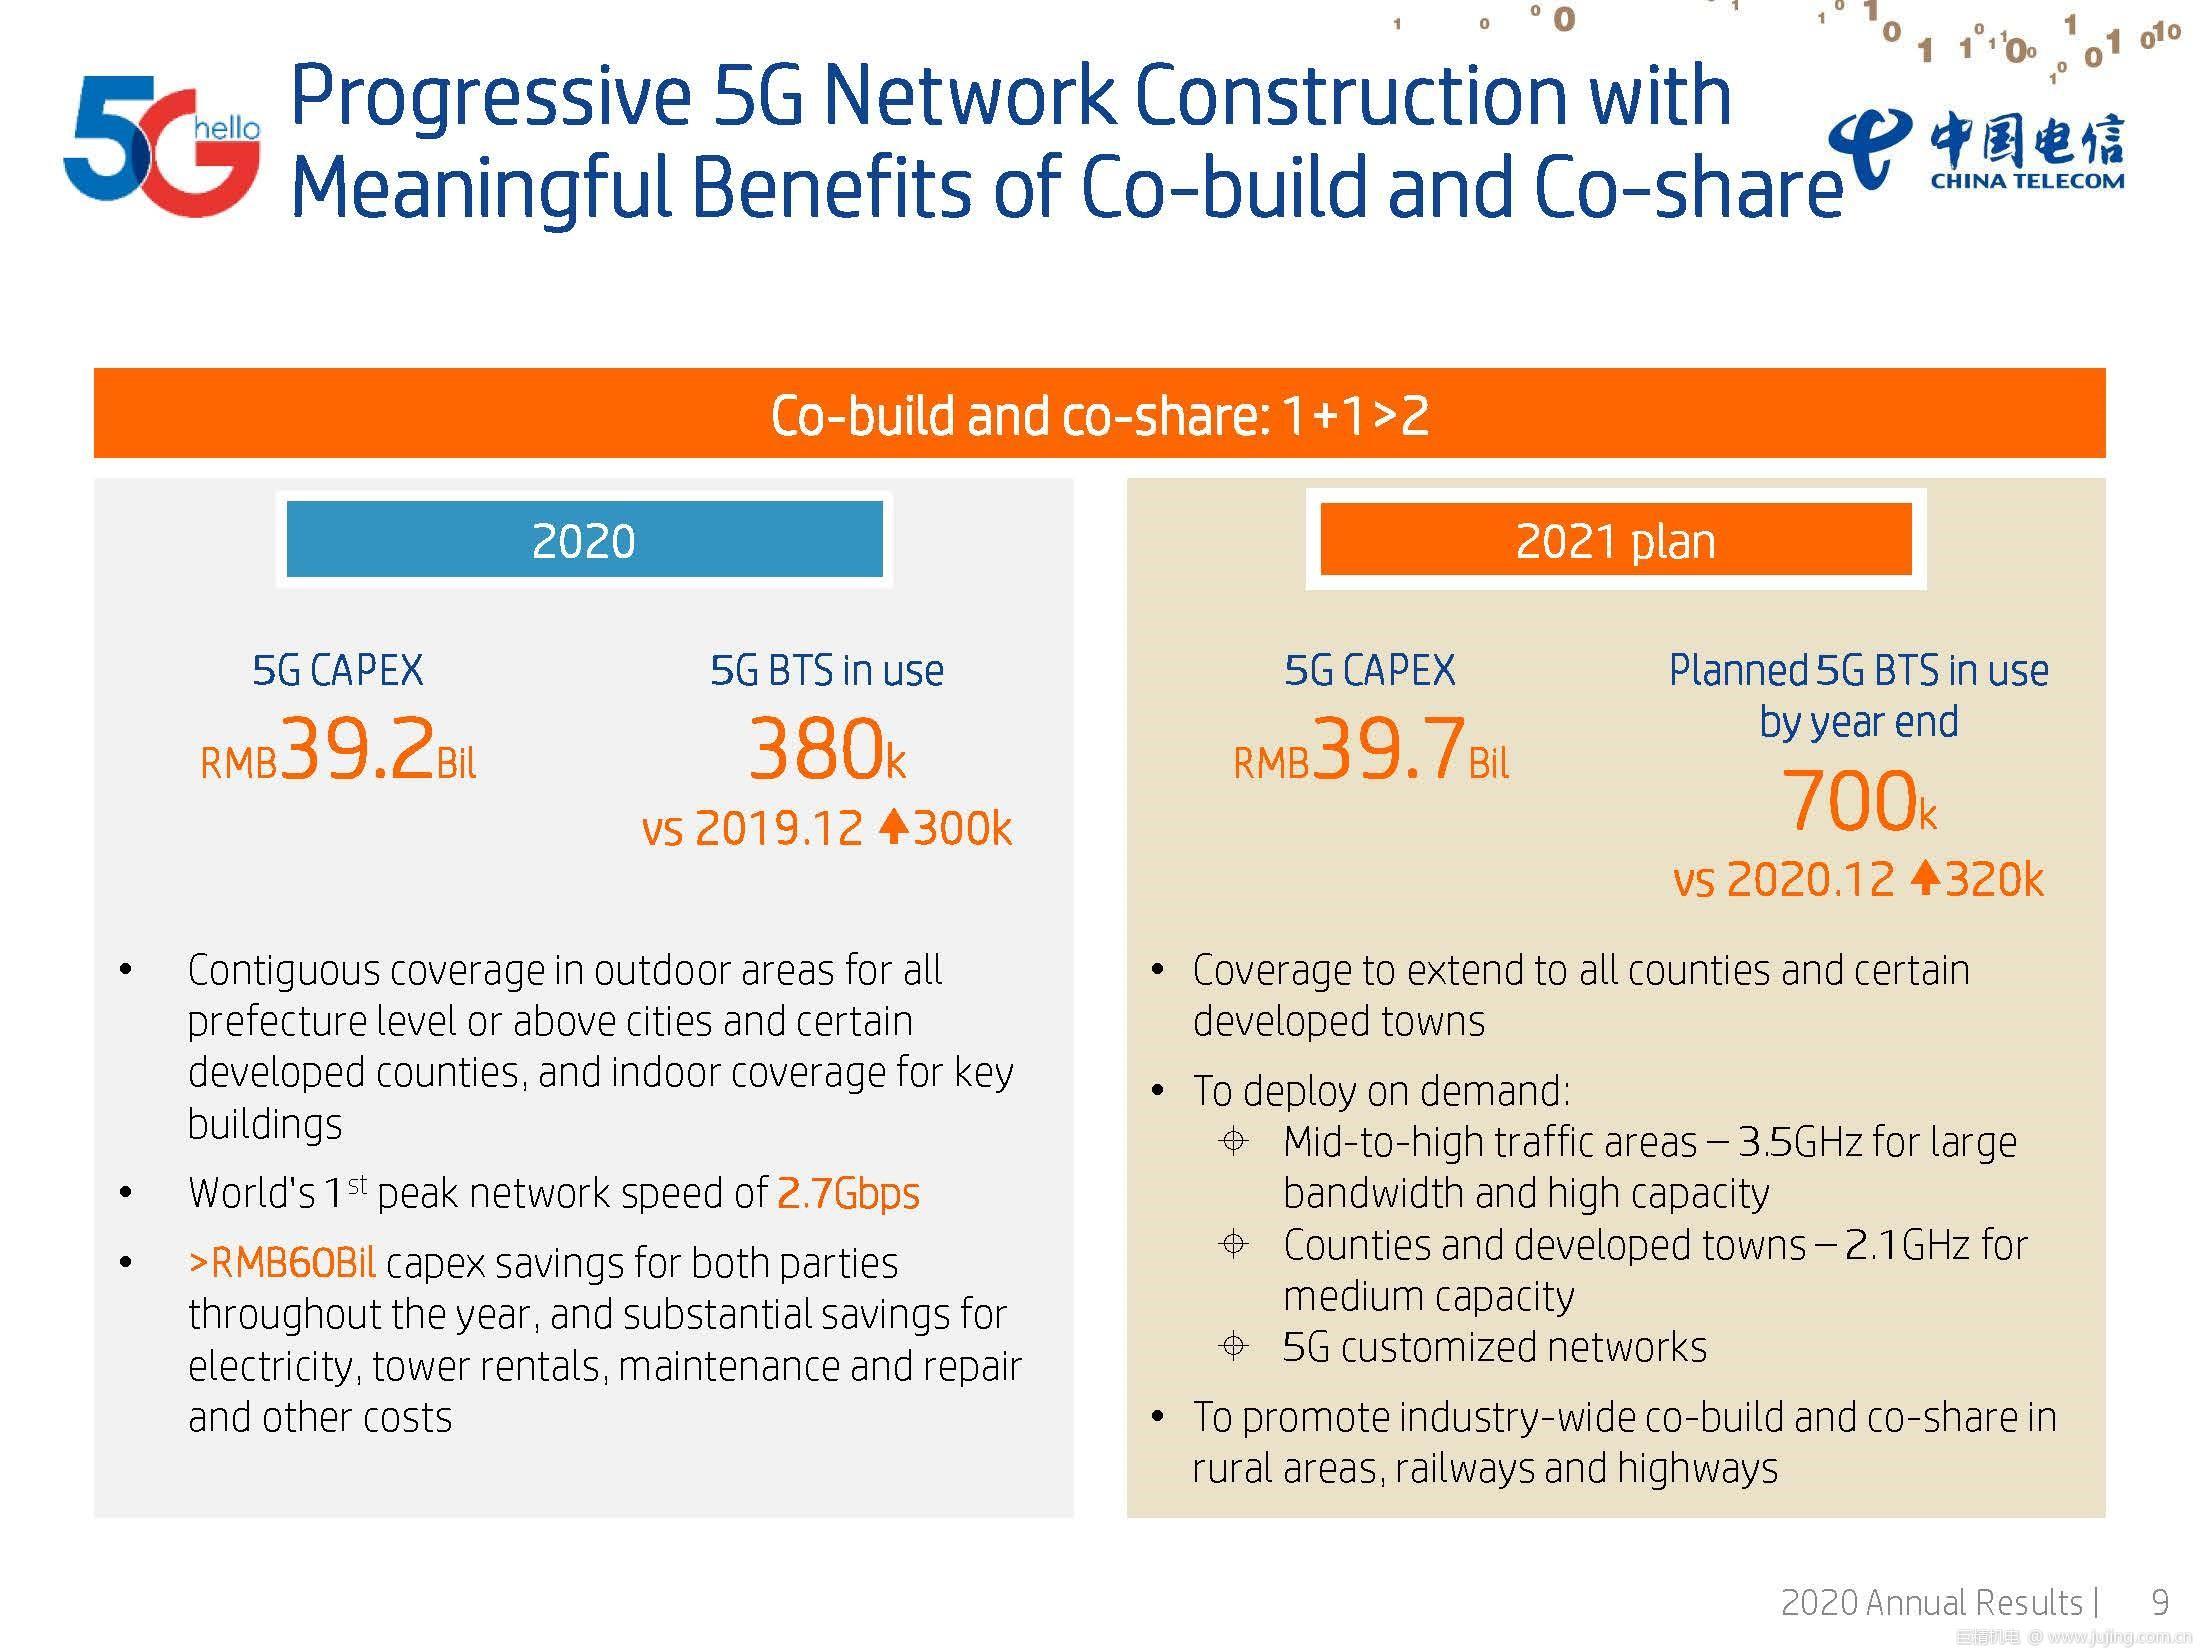 按需部署:中国电信计划2021年开通32万座5G基站